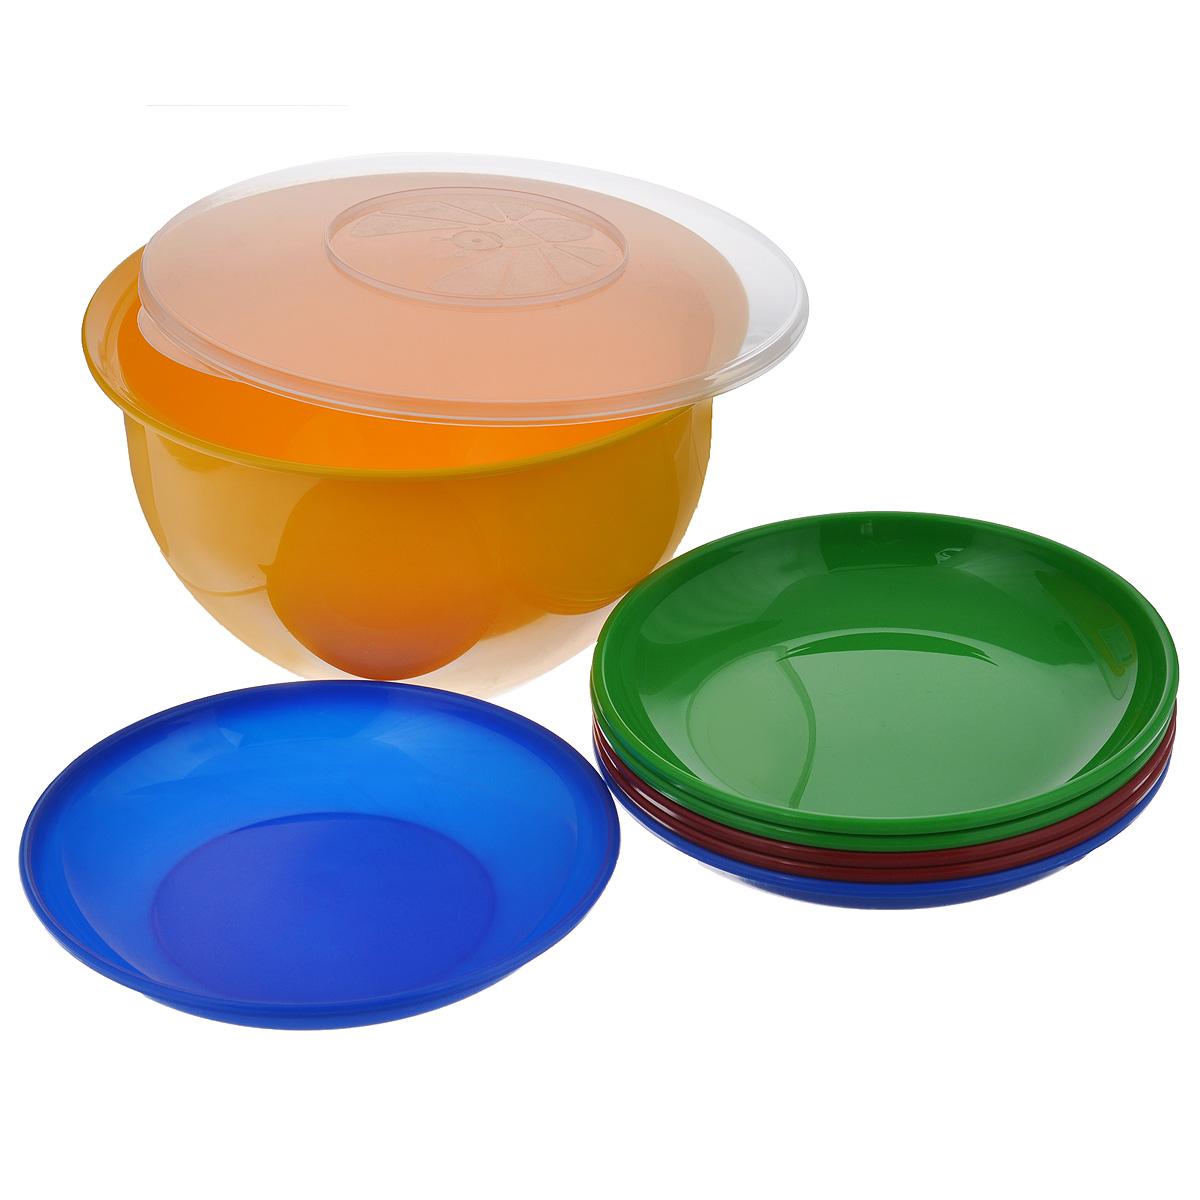 Набор посуды Solaris, 7 предметов. S1605NGP-2000-PВ состав набора Solaris входит 6 тарелок и большая миска с герметичной крышкой. Большую миску можно использовать как пищевой контейнер, для приготовления салата, мариновки шашлыка и т.п.Свойства посуды:Посуда из ударопрочного пищевого полипропилена предназначена для многократного использования. Легкая, прочная и износостойкая, экологически чистая, эта посуда работает в диапазоне температур от -25°С до +110°С. Можно мыть в посудомоечной машине. Эта посуда также обеспечивает:Хранение горячих и холодных пищевых продуктов;Разогрев продуктов в микроволновой печи;Приготовление пищи в микроволновой печи на пару (пароварка);Хранение продуктов в холодильной и морозильной камере;Кипячение воды с помощью электрокипятильника.Объем миски: 3 л.Диаметр миски: 22,5 см.Высота миски: 12,7 см.Диаметр тарелок: 19 см.Высота тарелок: 3 см.